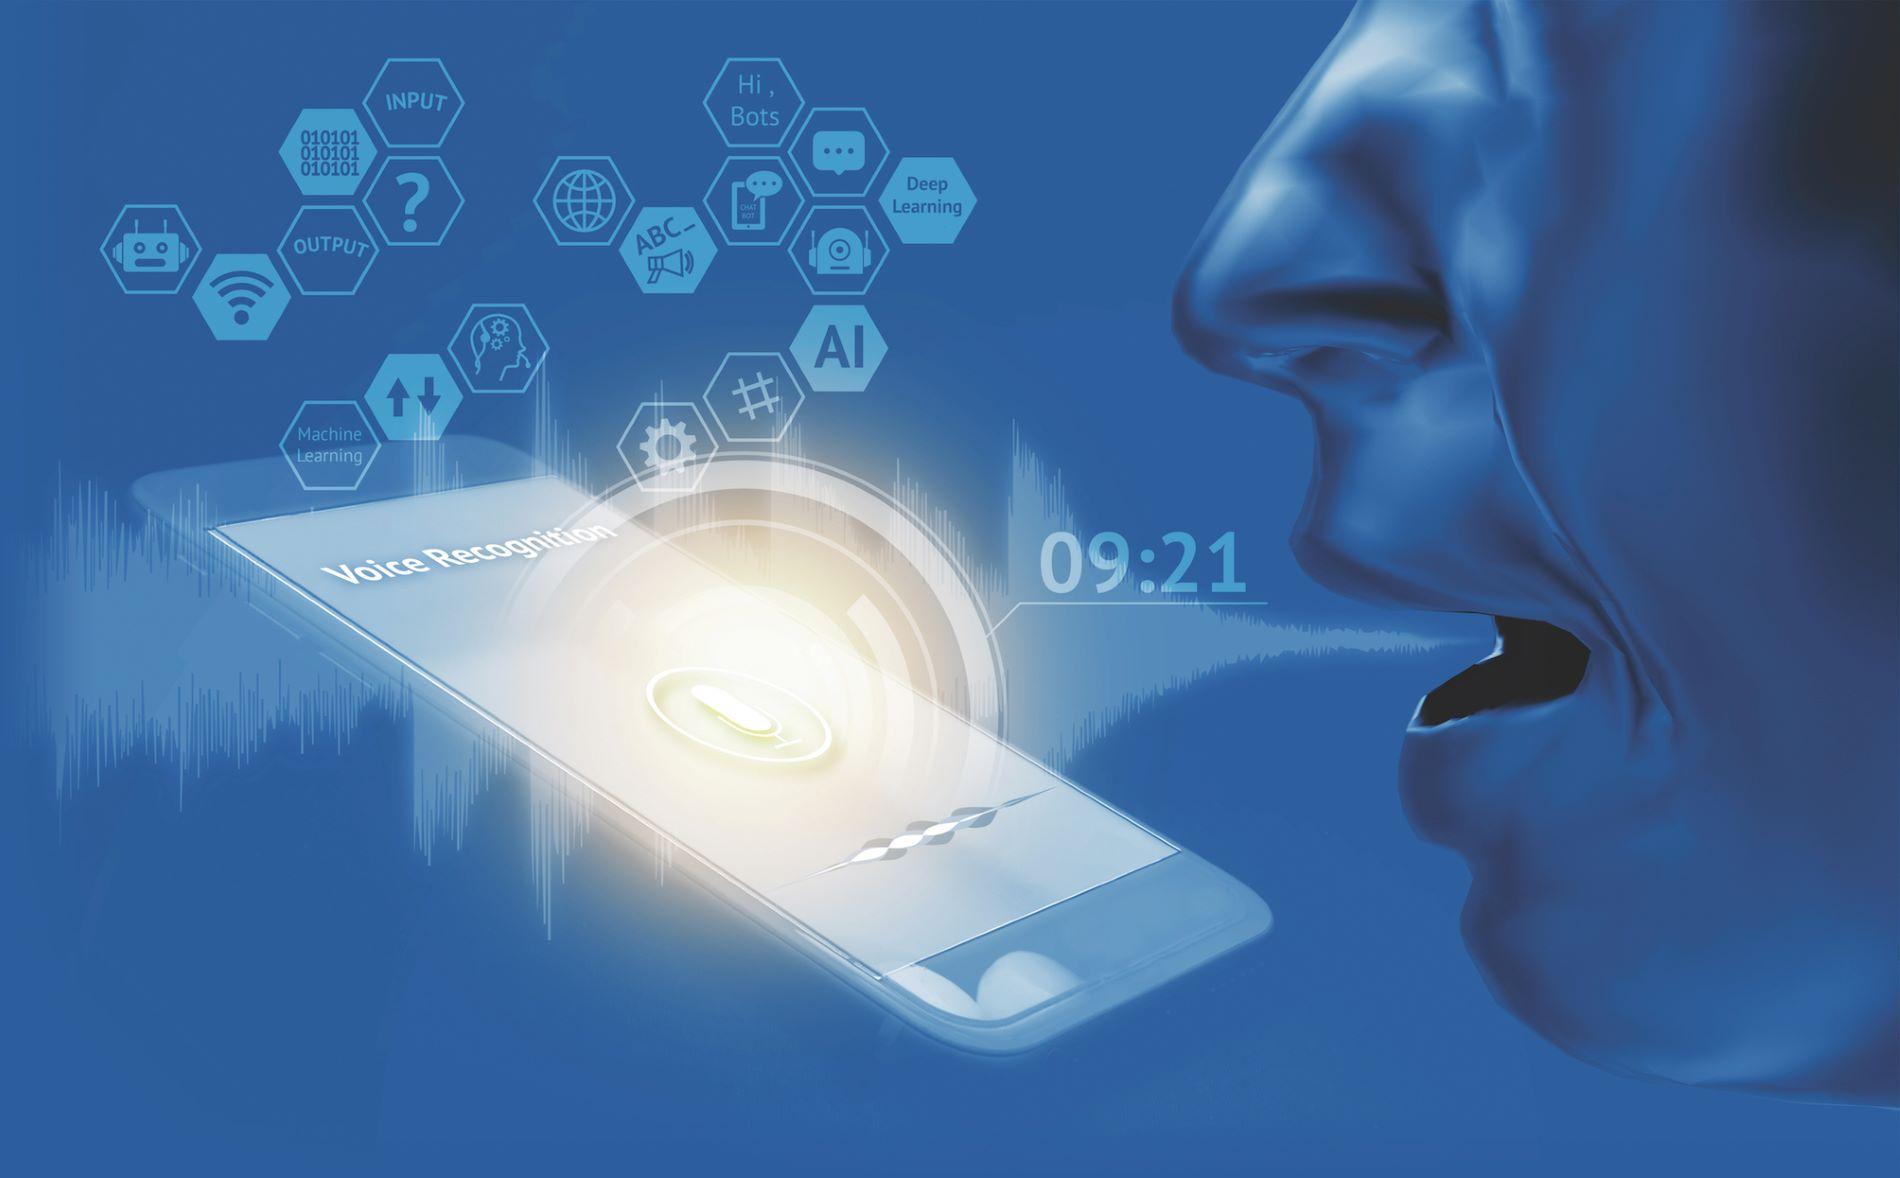 Ψηφιακή Υγεία: Καινοτομίες και λύσεις στα αδιέξοδα των παραδοσιακών συστημάτων